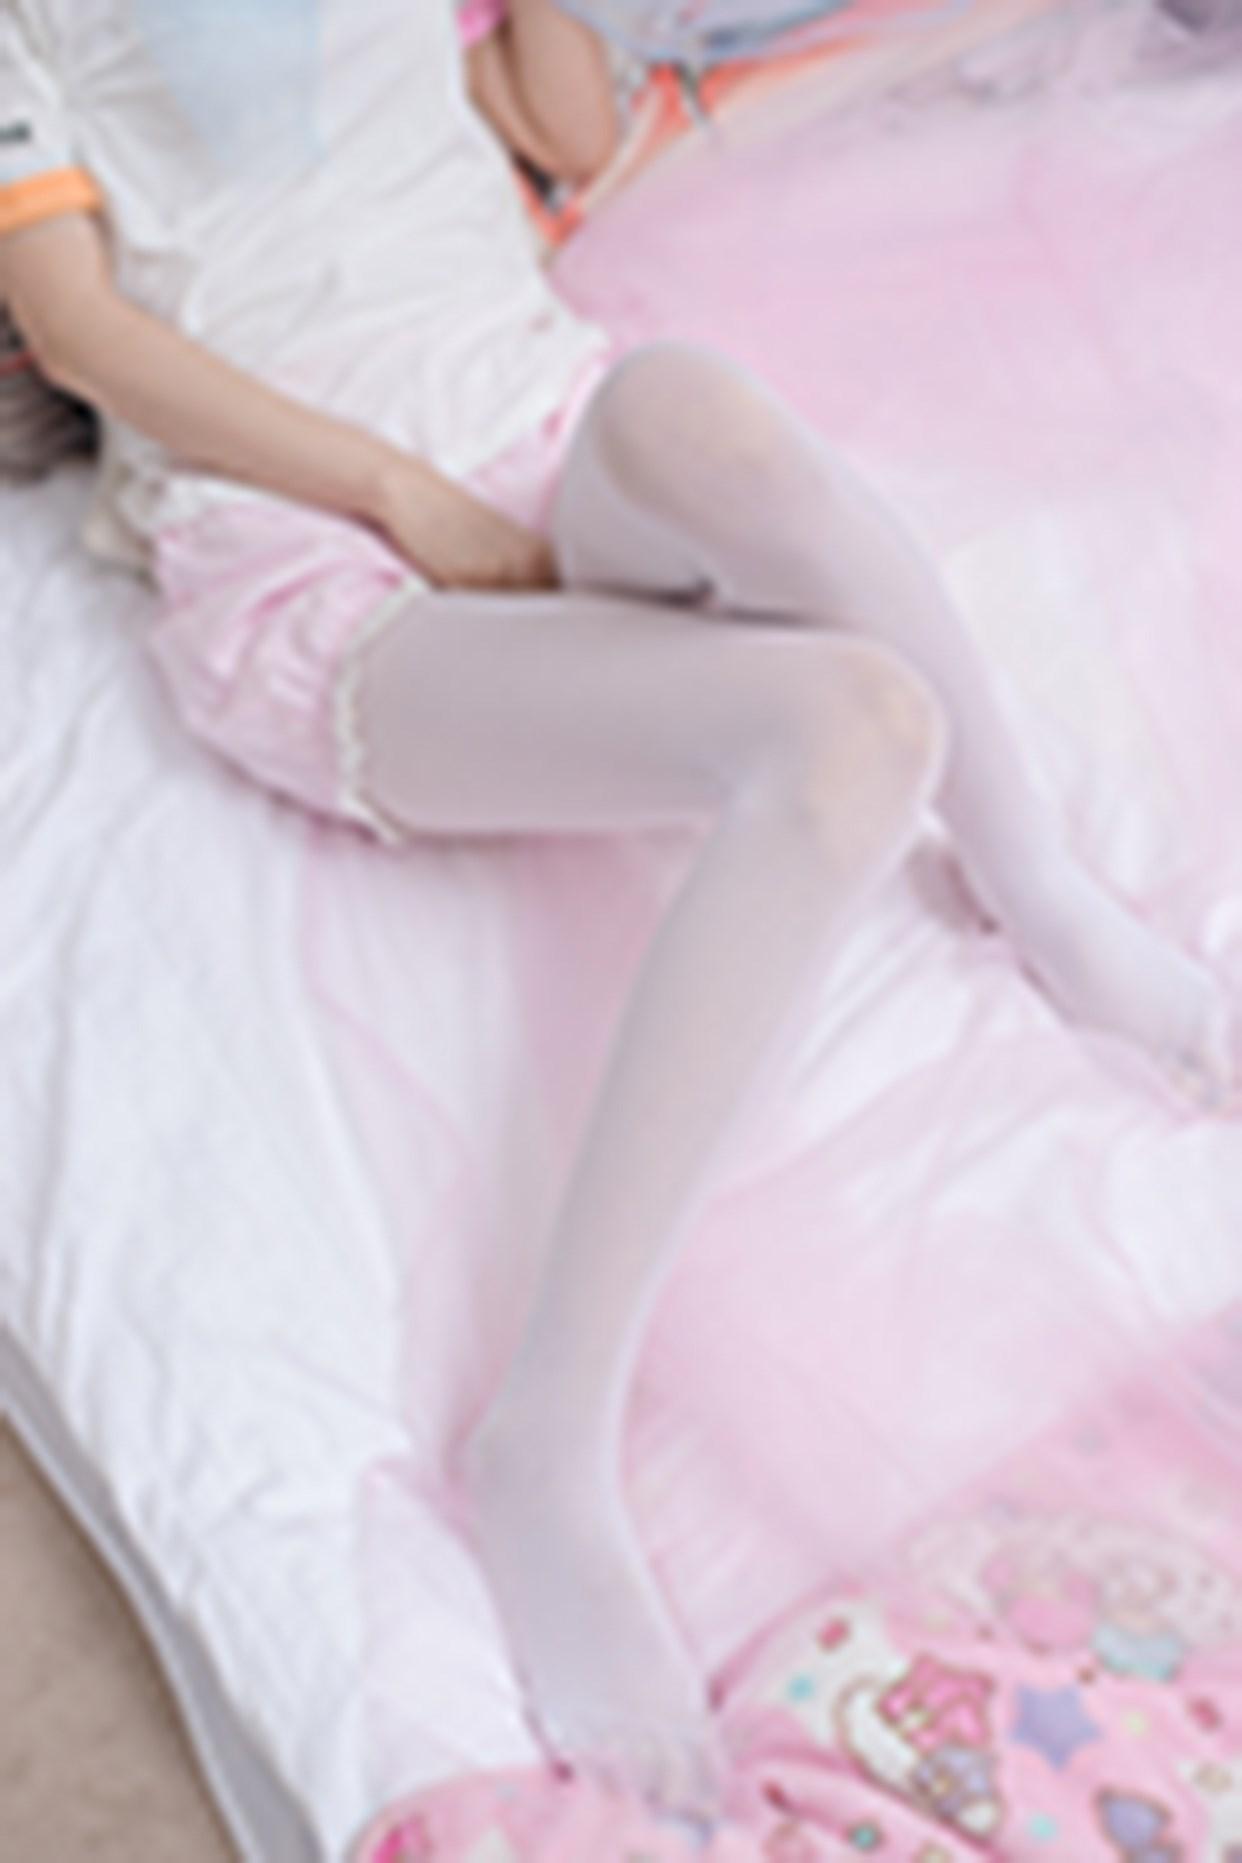 【兔玩映画】少女的卧室 兔玩映画 第15张